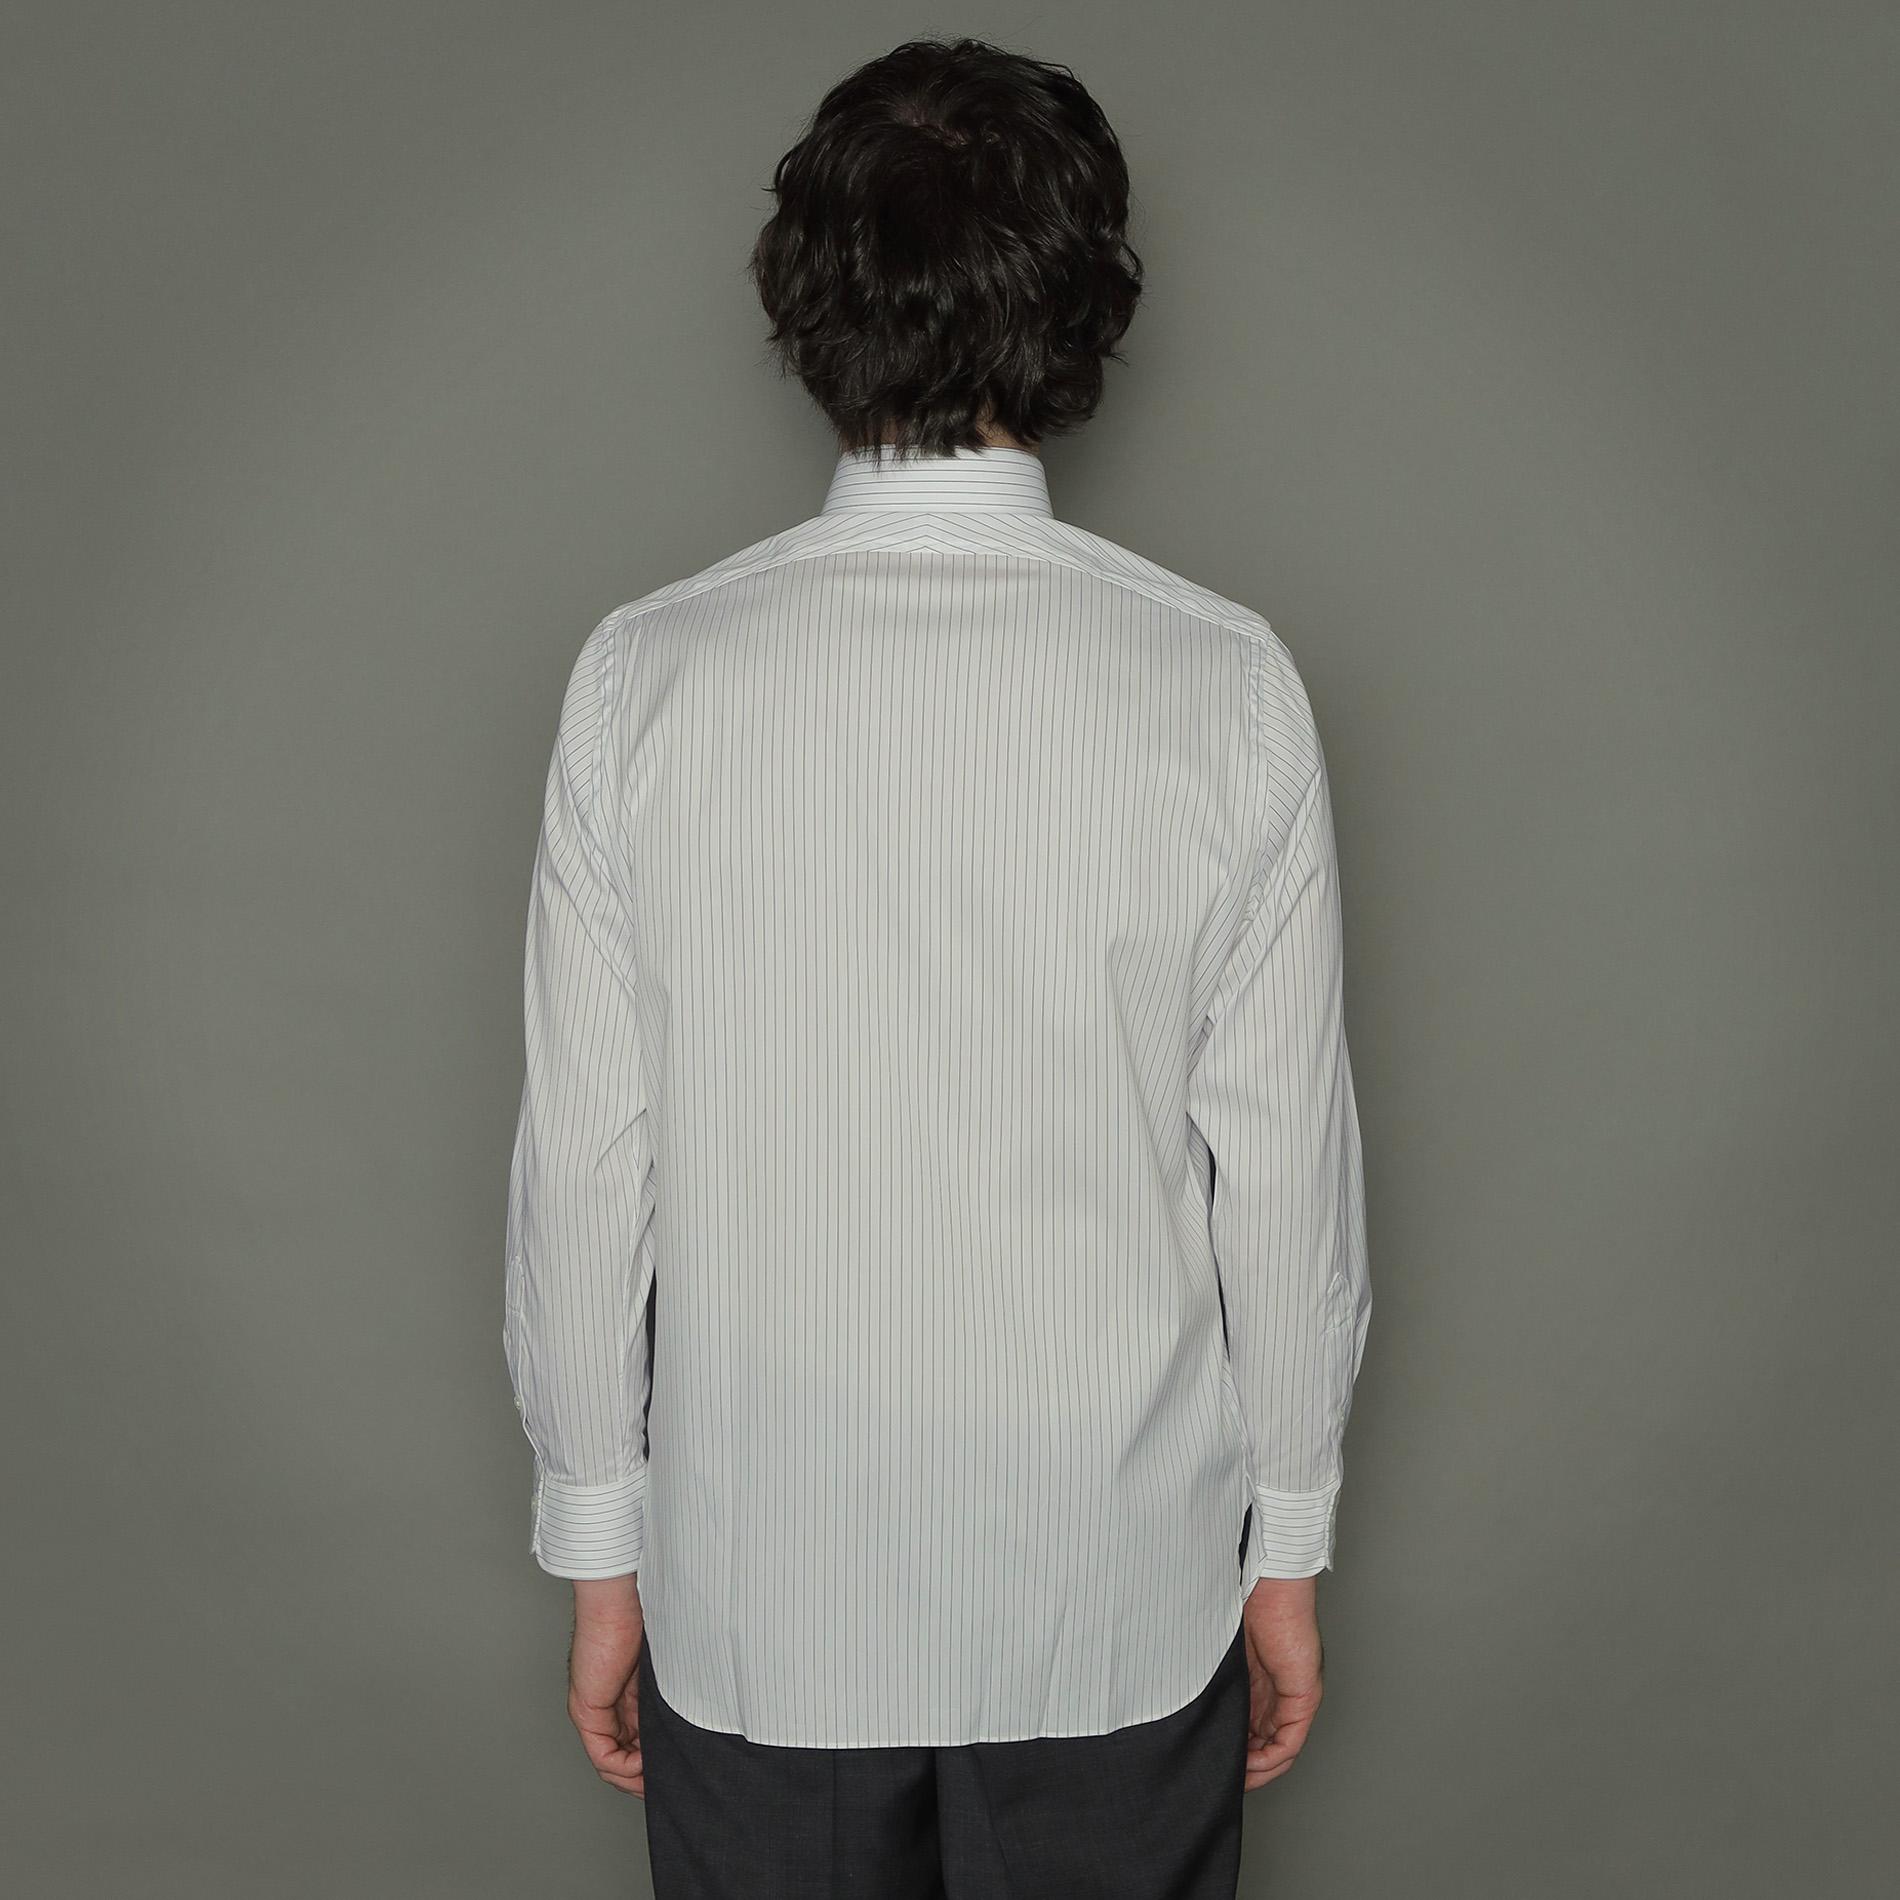 ◆◆ストライプドレスシャツ